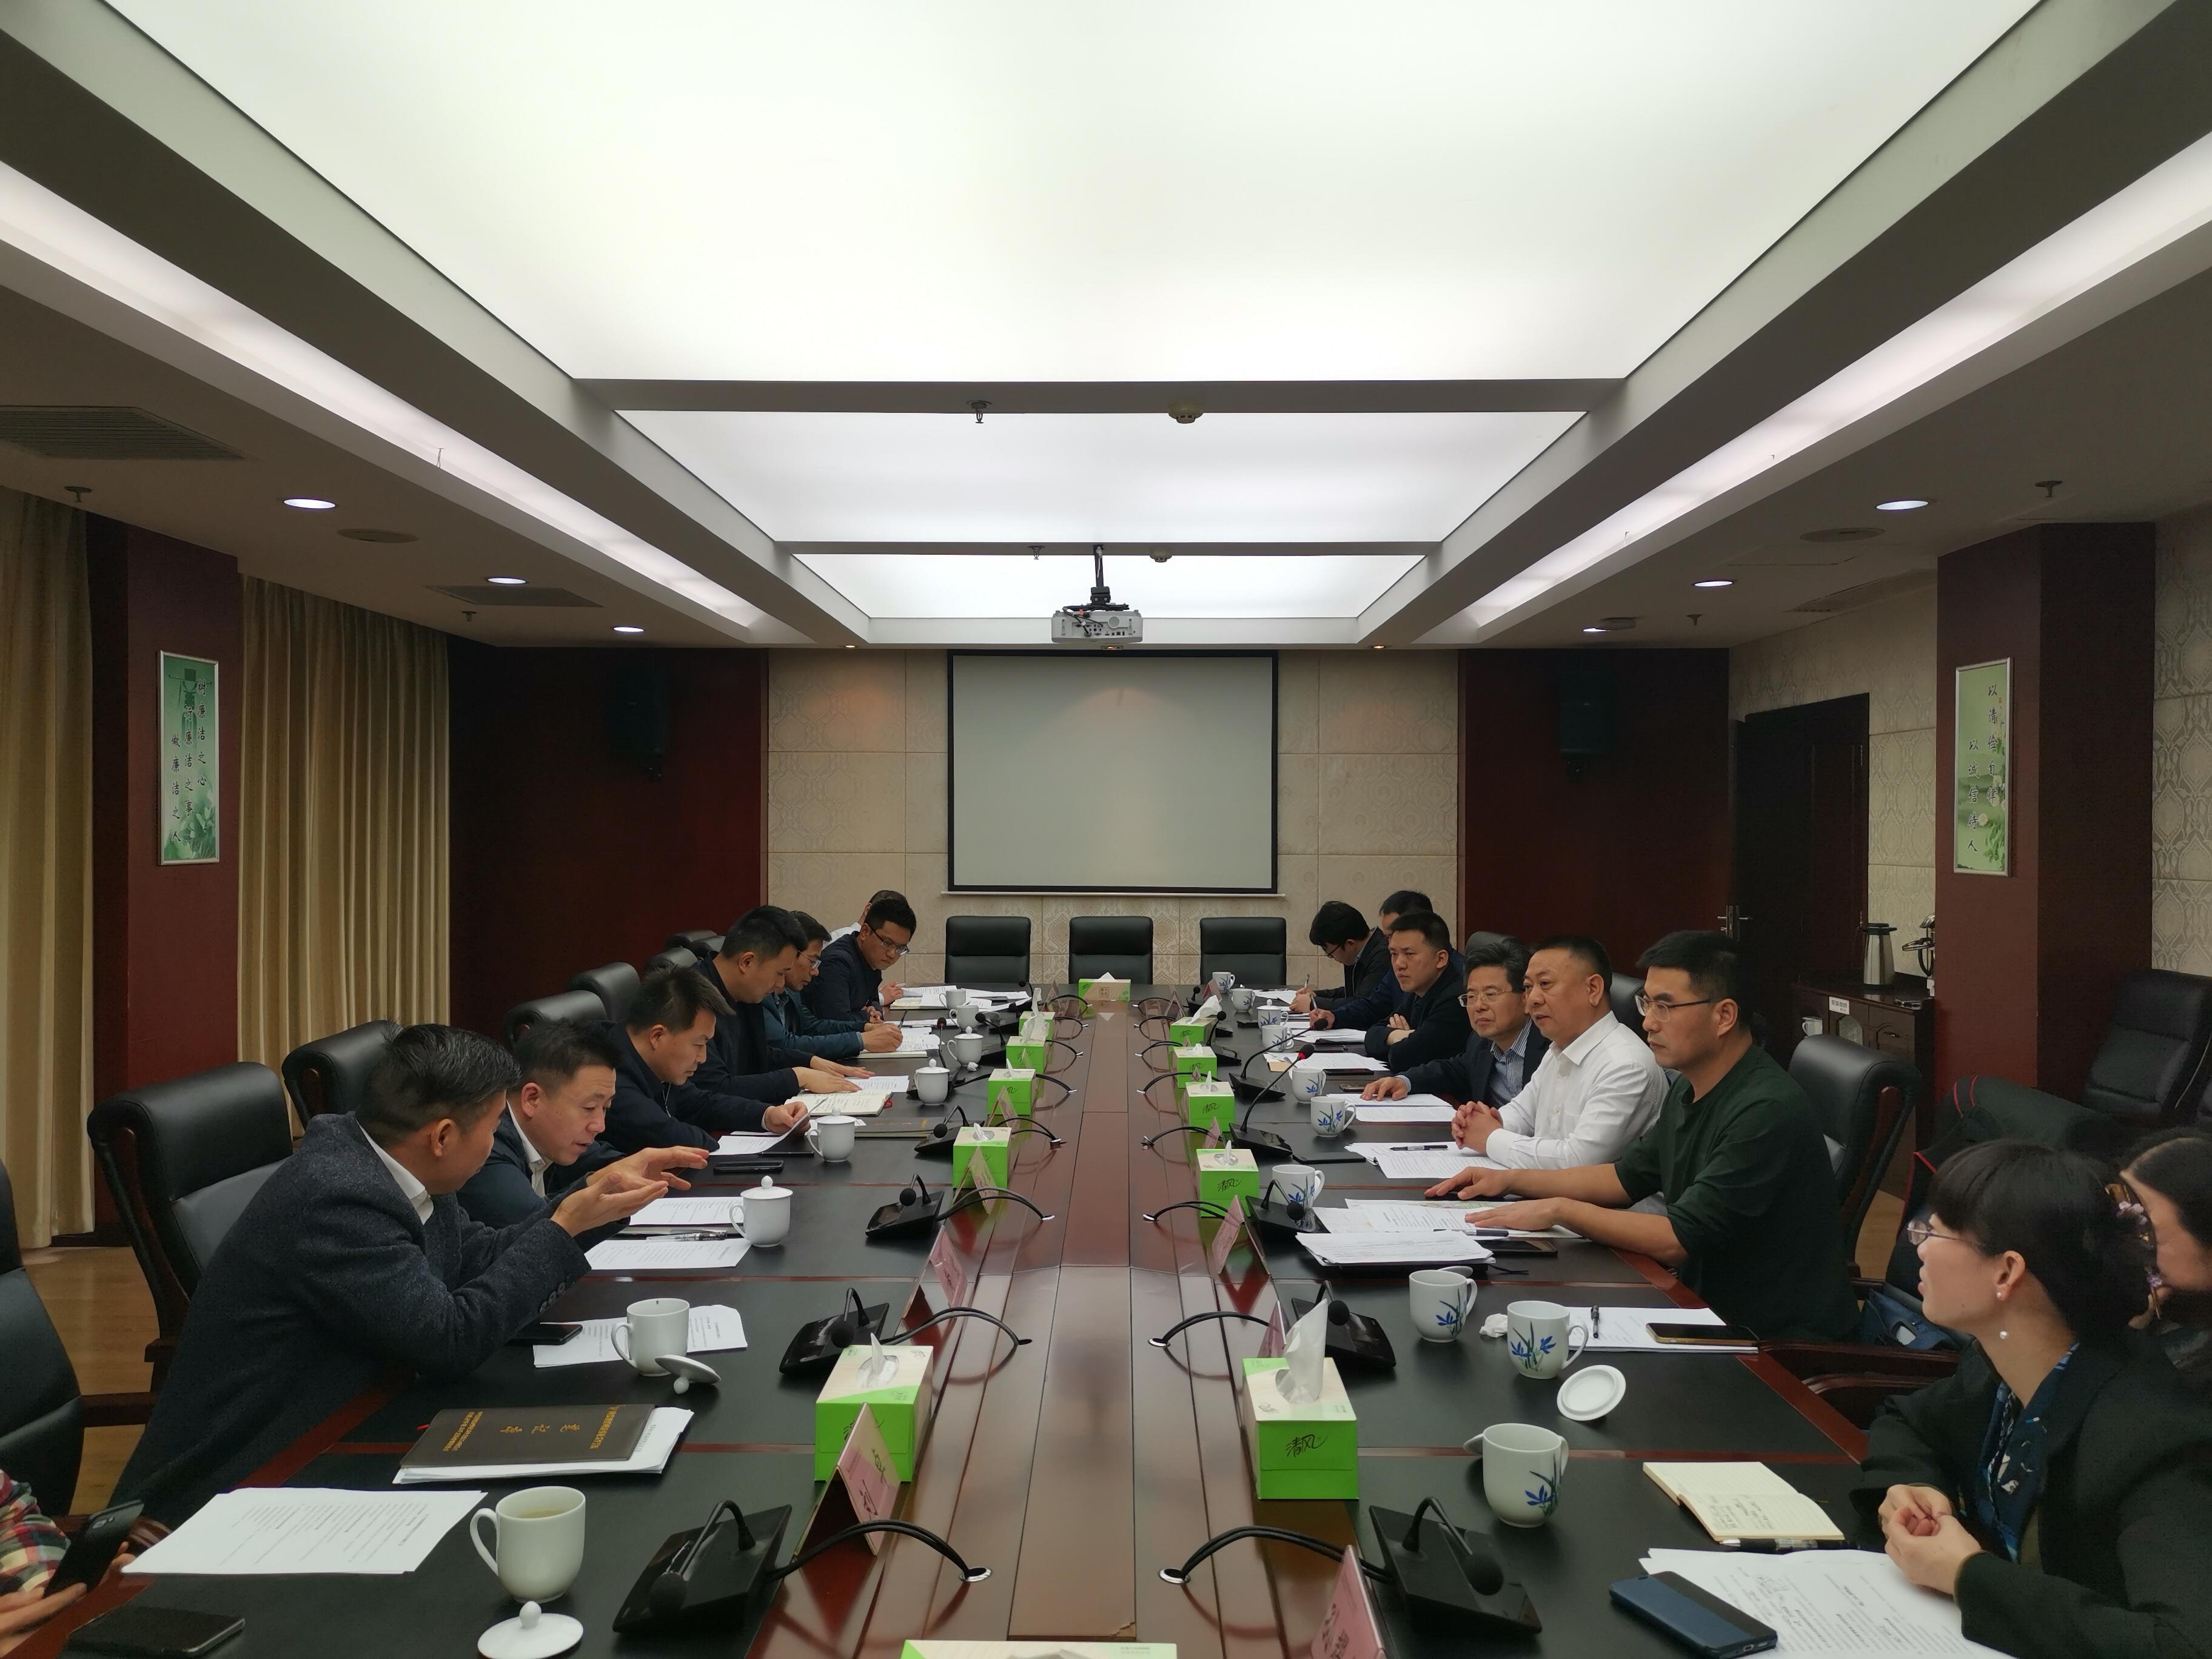 集團董事長譚龍受邀赴望城經開區參加奧萊項目招商對接會